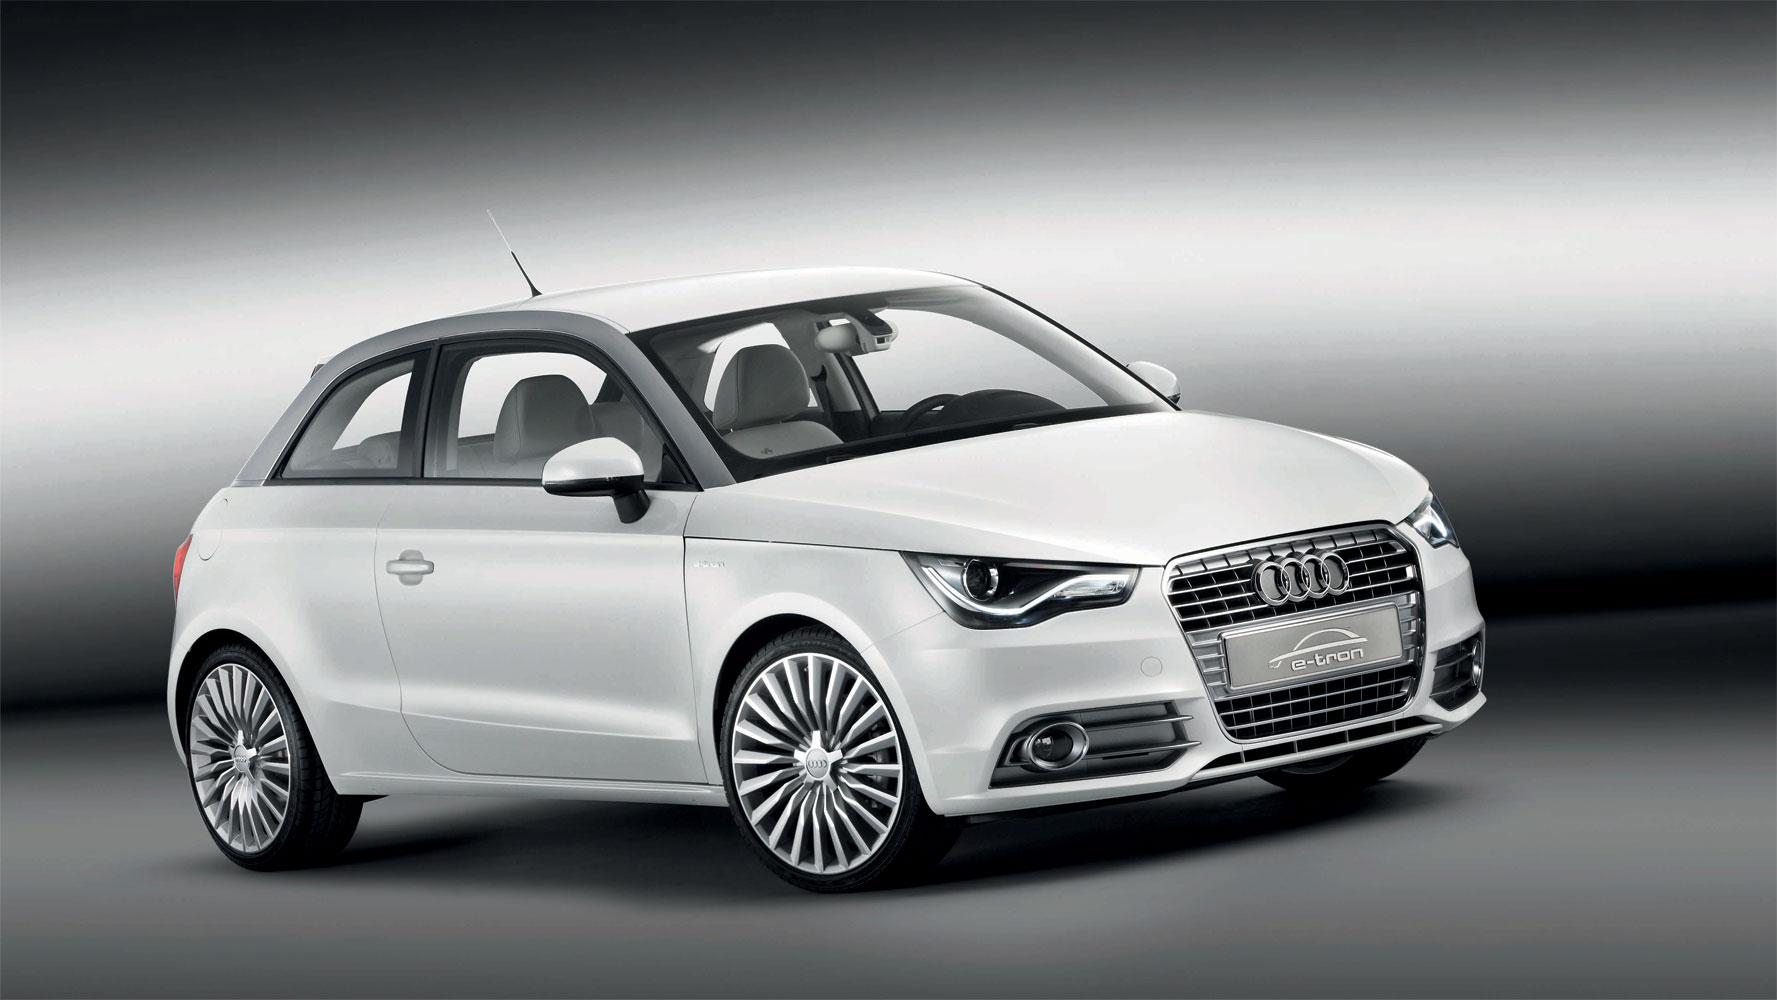 Audi R10 Diesel-Hybrid & 1-Liter Auto geplant